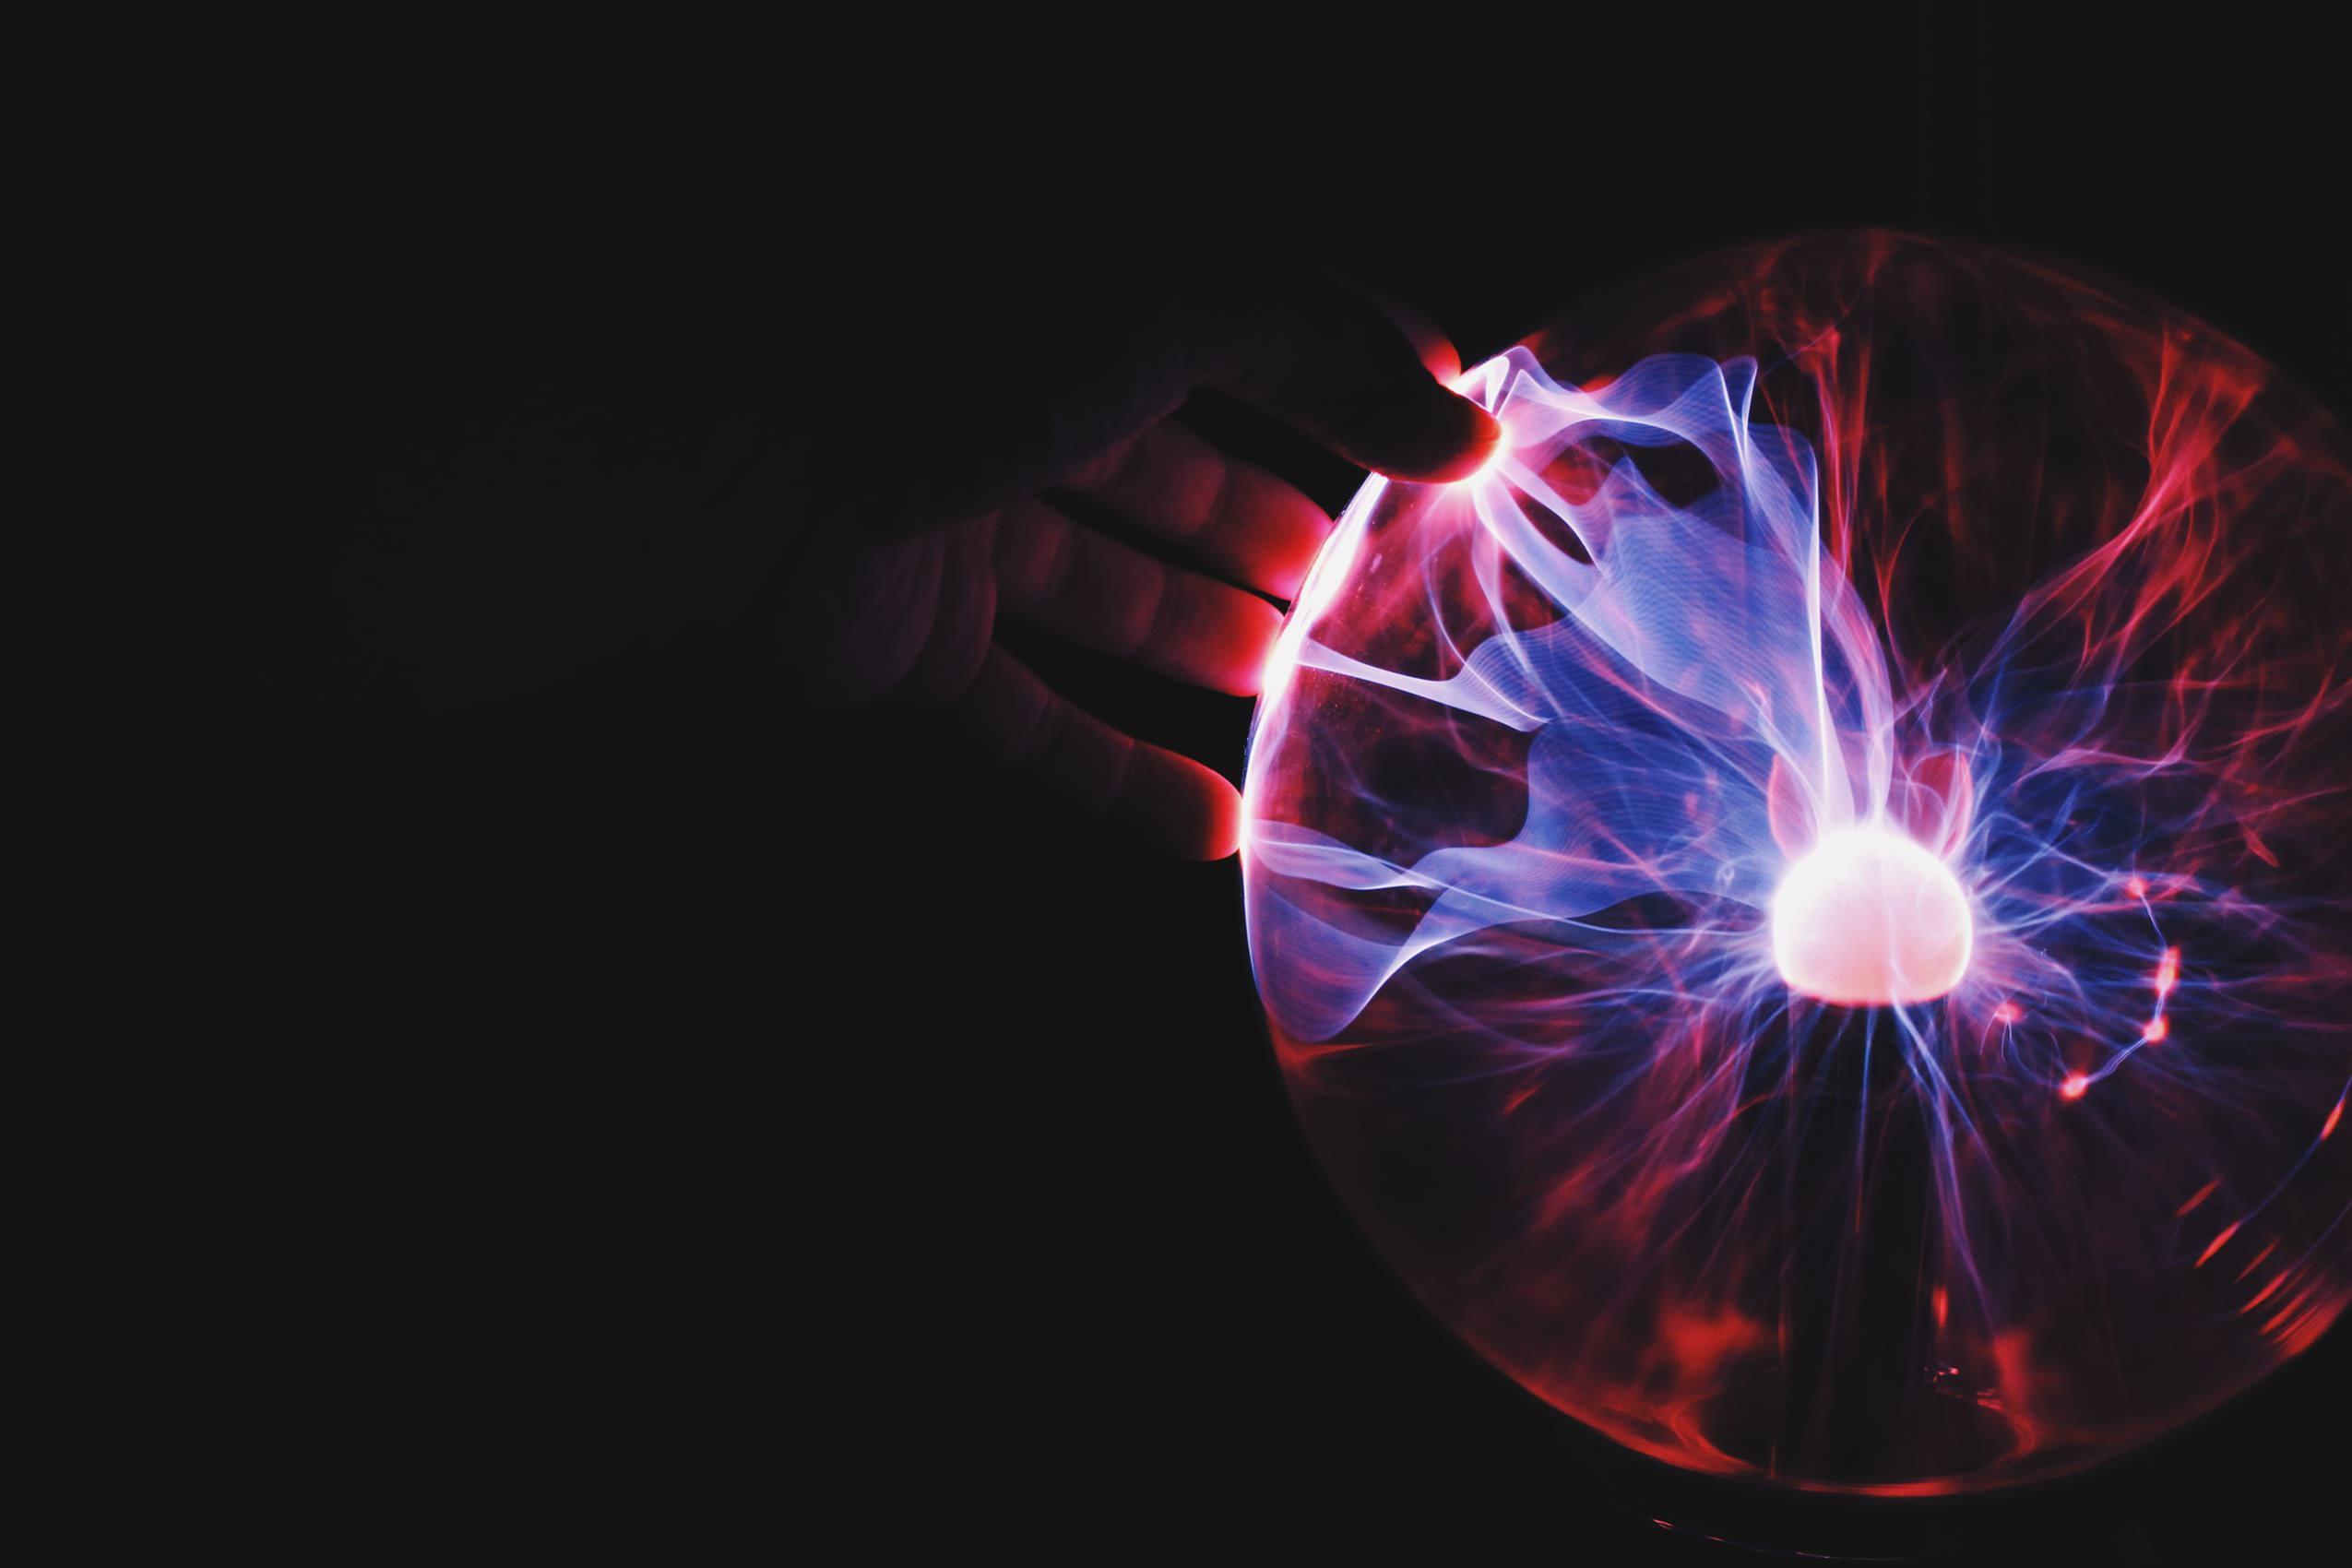 科学イメージ画像